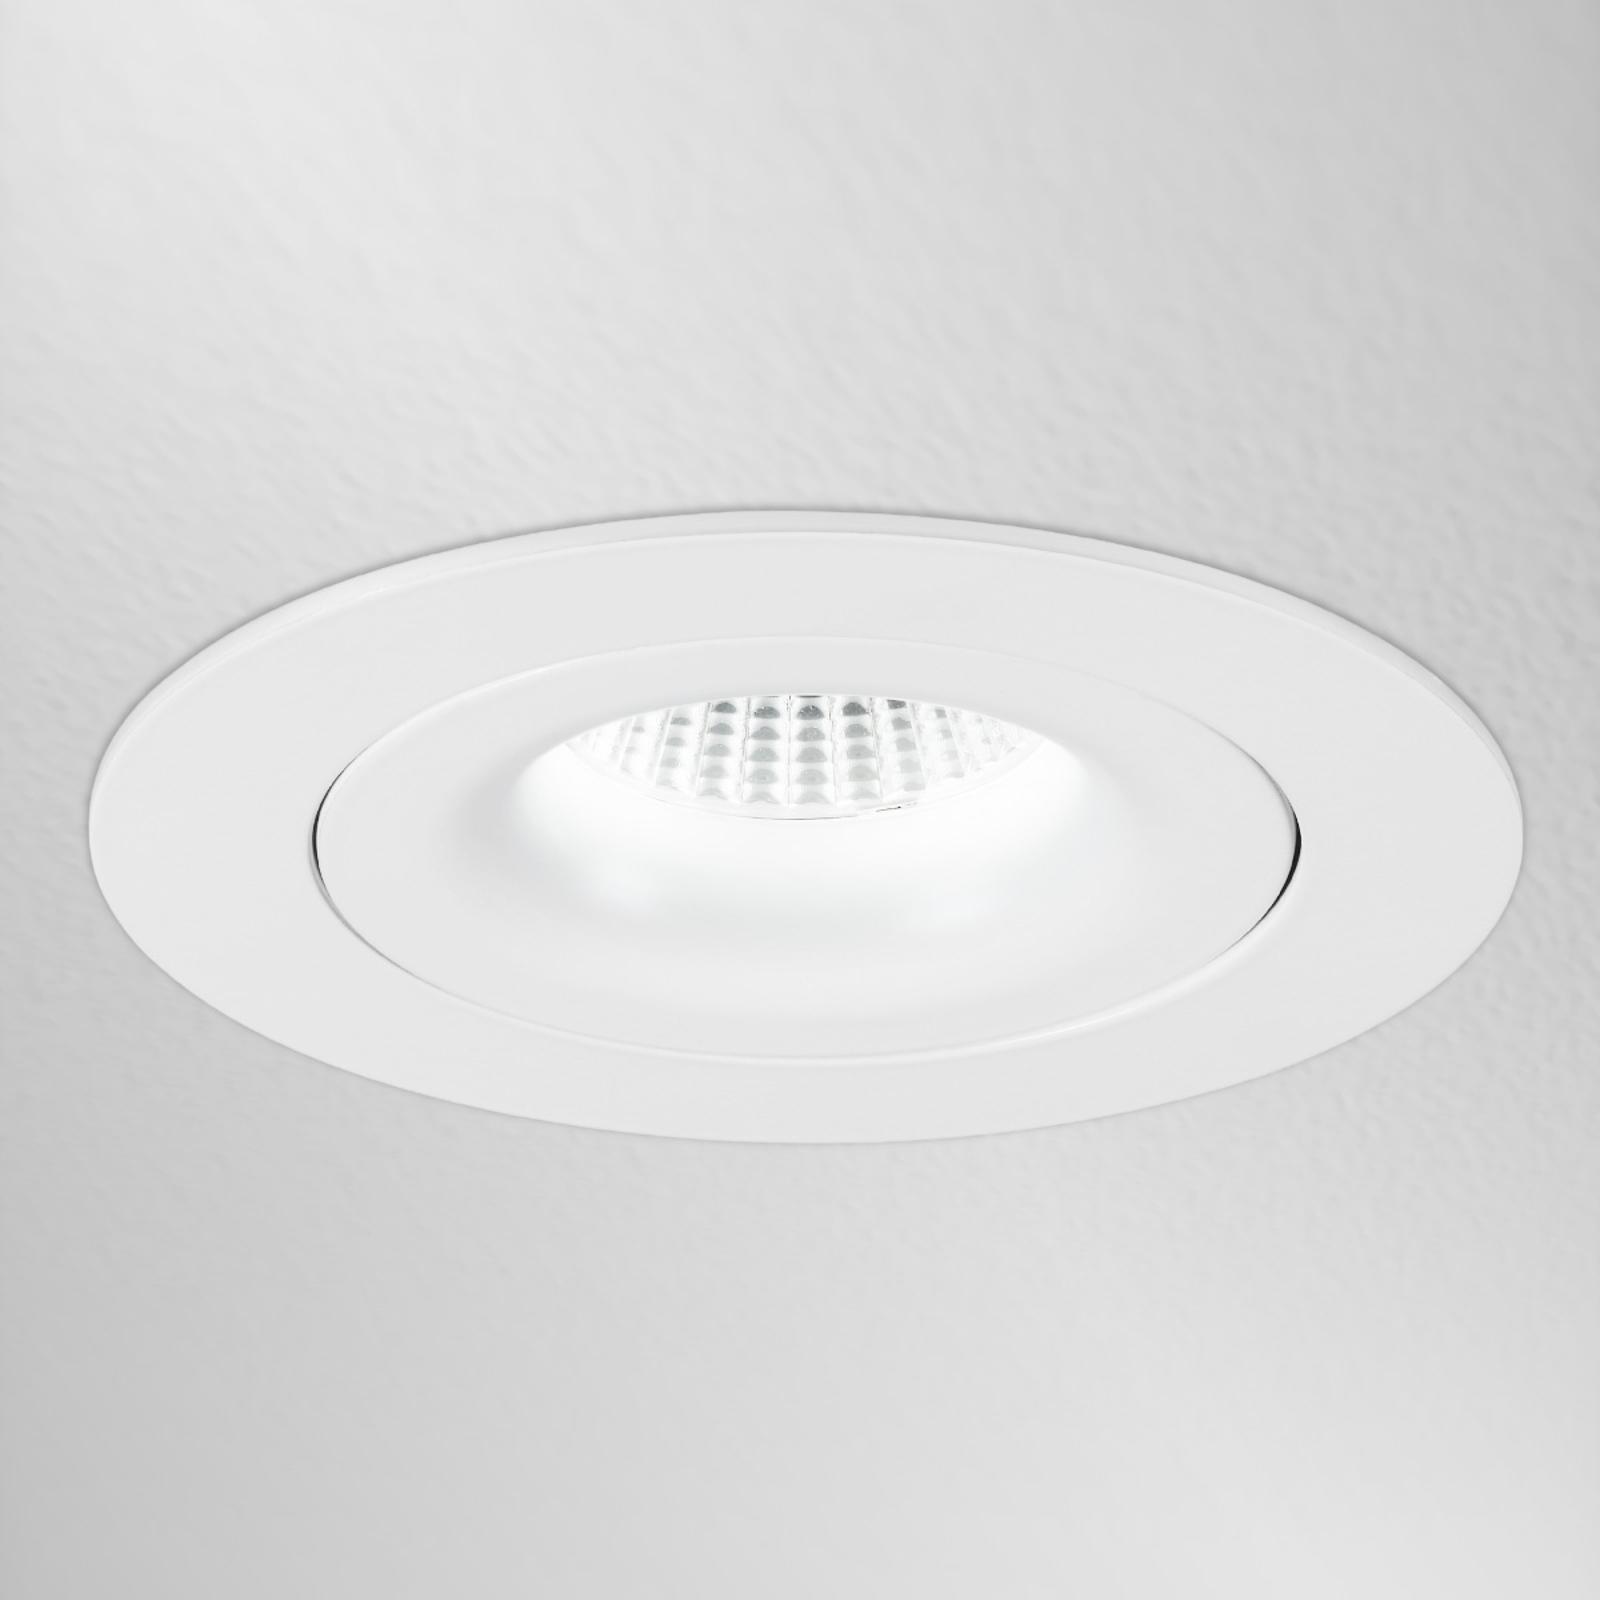 Kulaté LED podhledové svítidlo MK 110